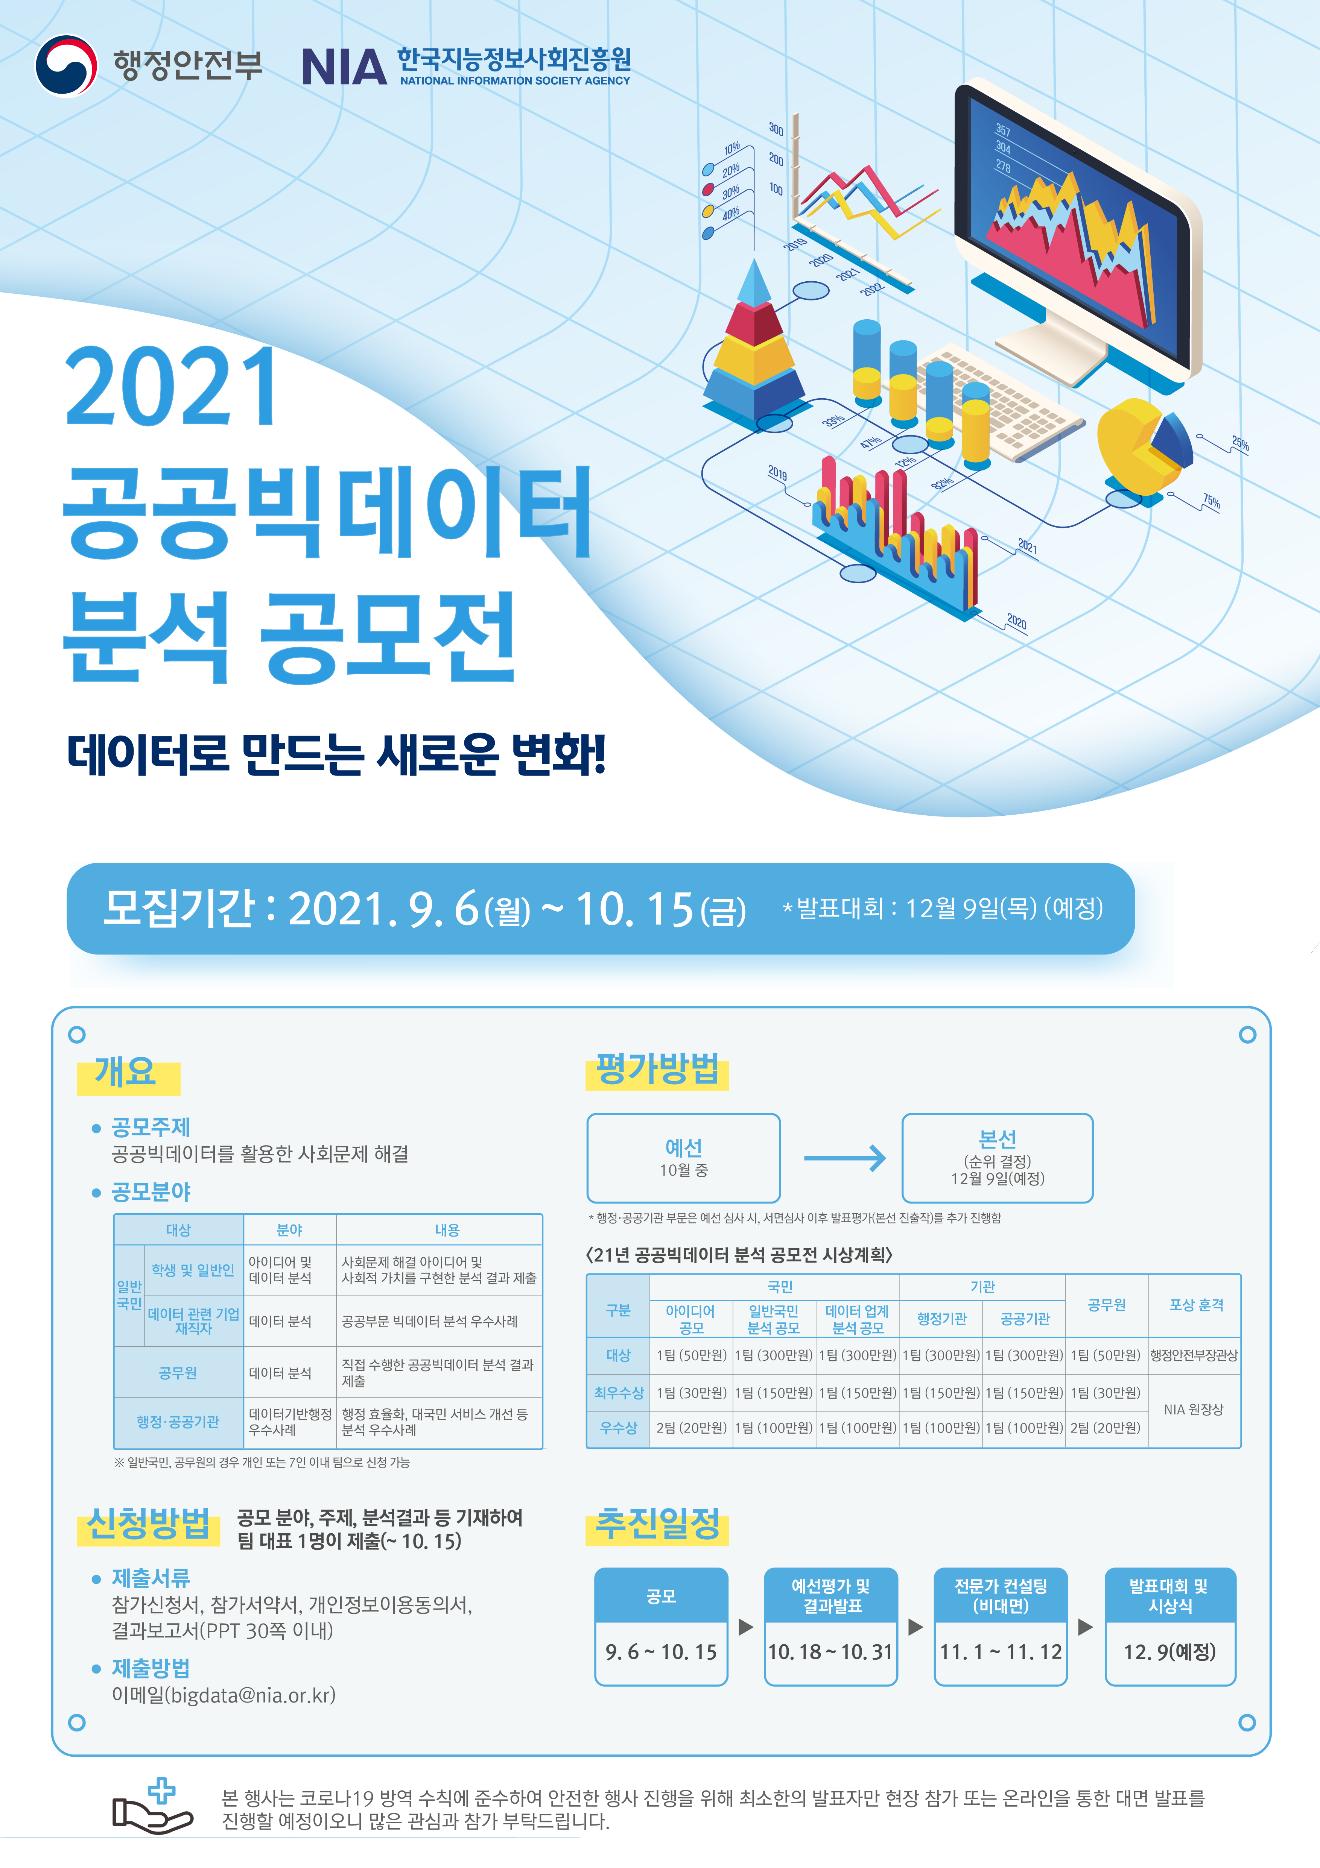 2021년 공공 빅데이터 분석 공모전